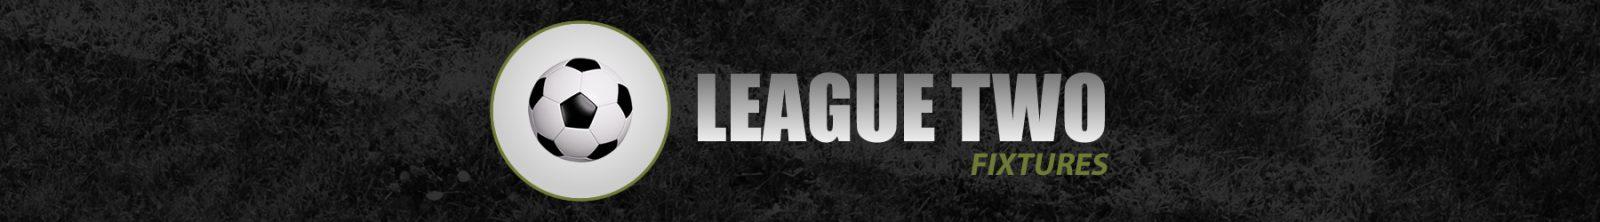 League Two Fixtures